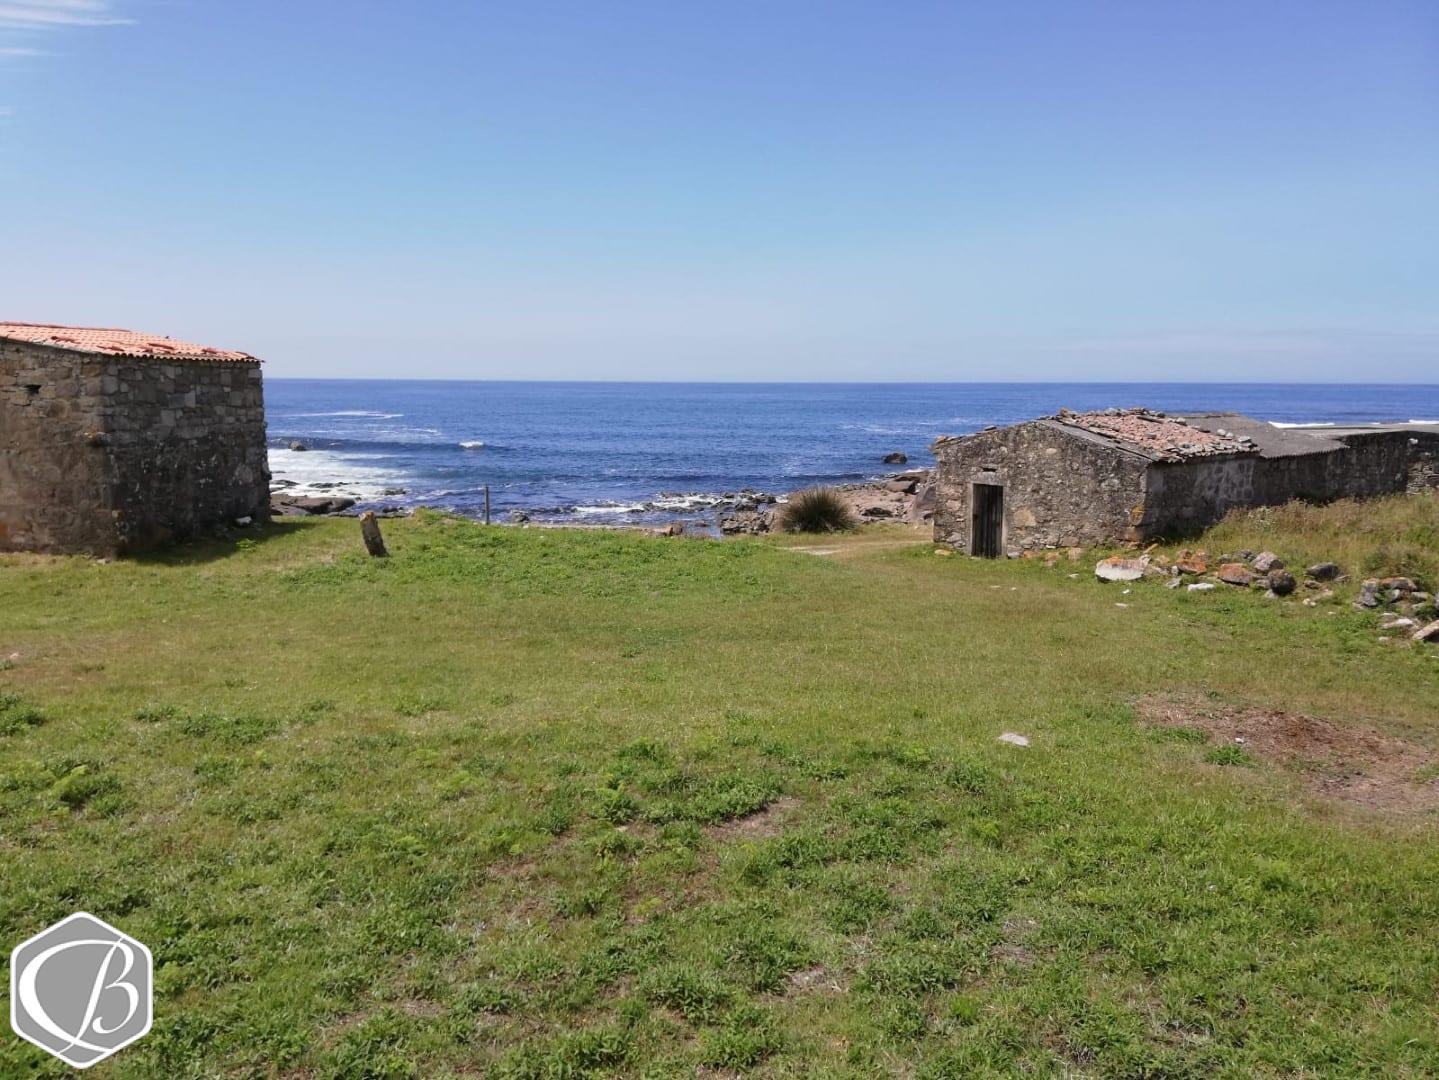 Fitnessreise Portugal Moledo Sporteventwoche